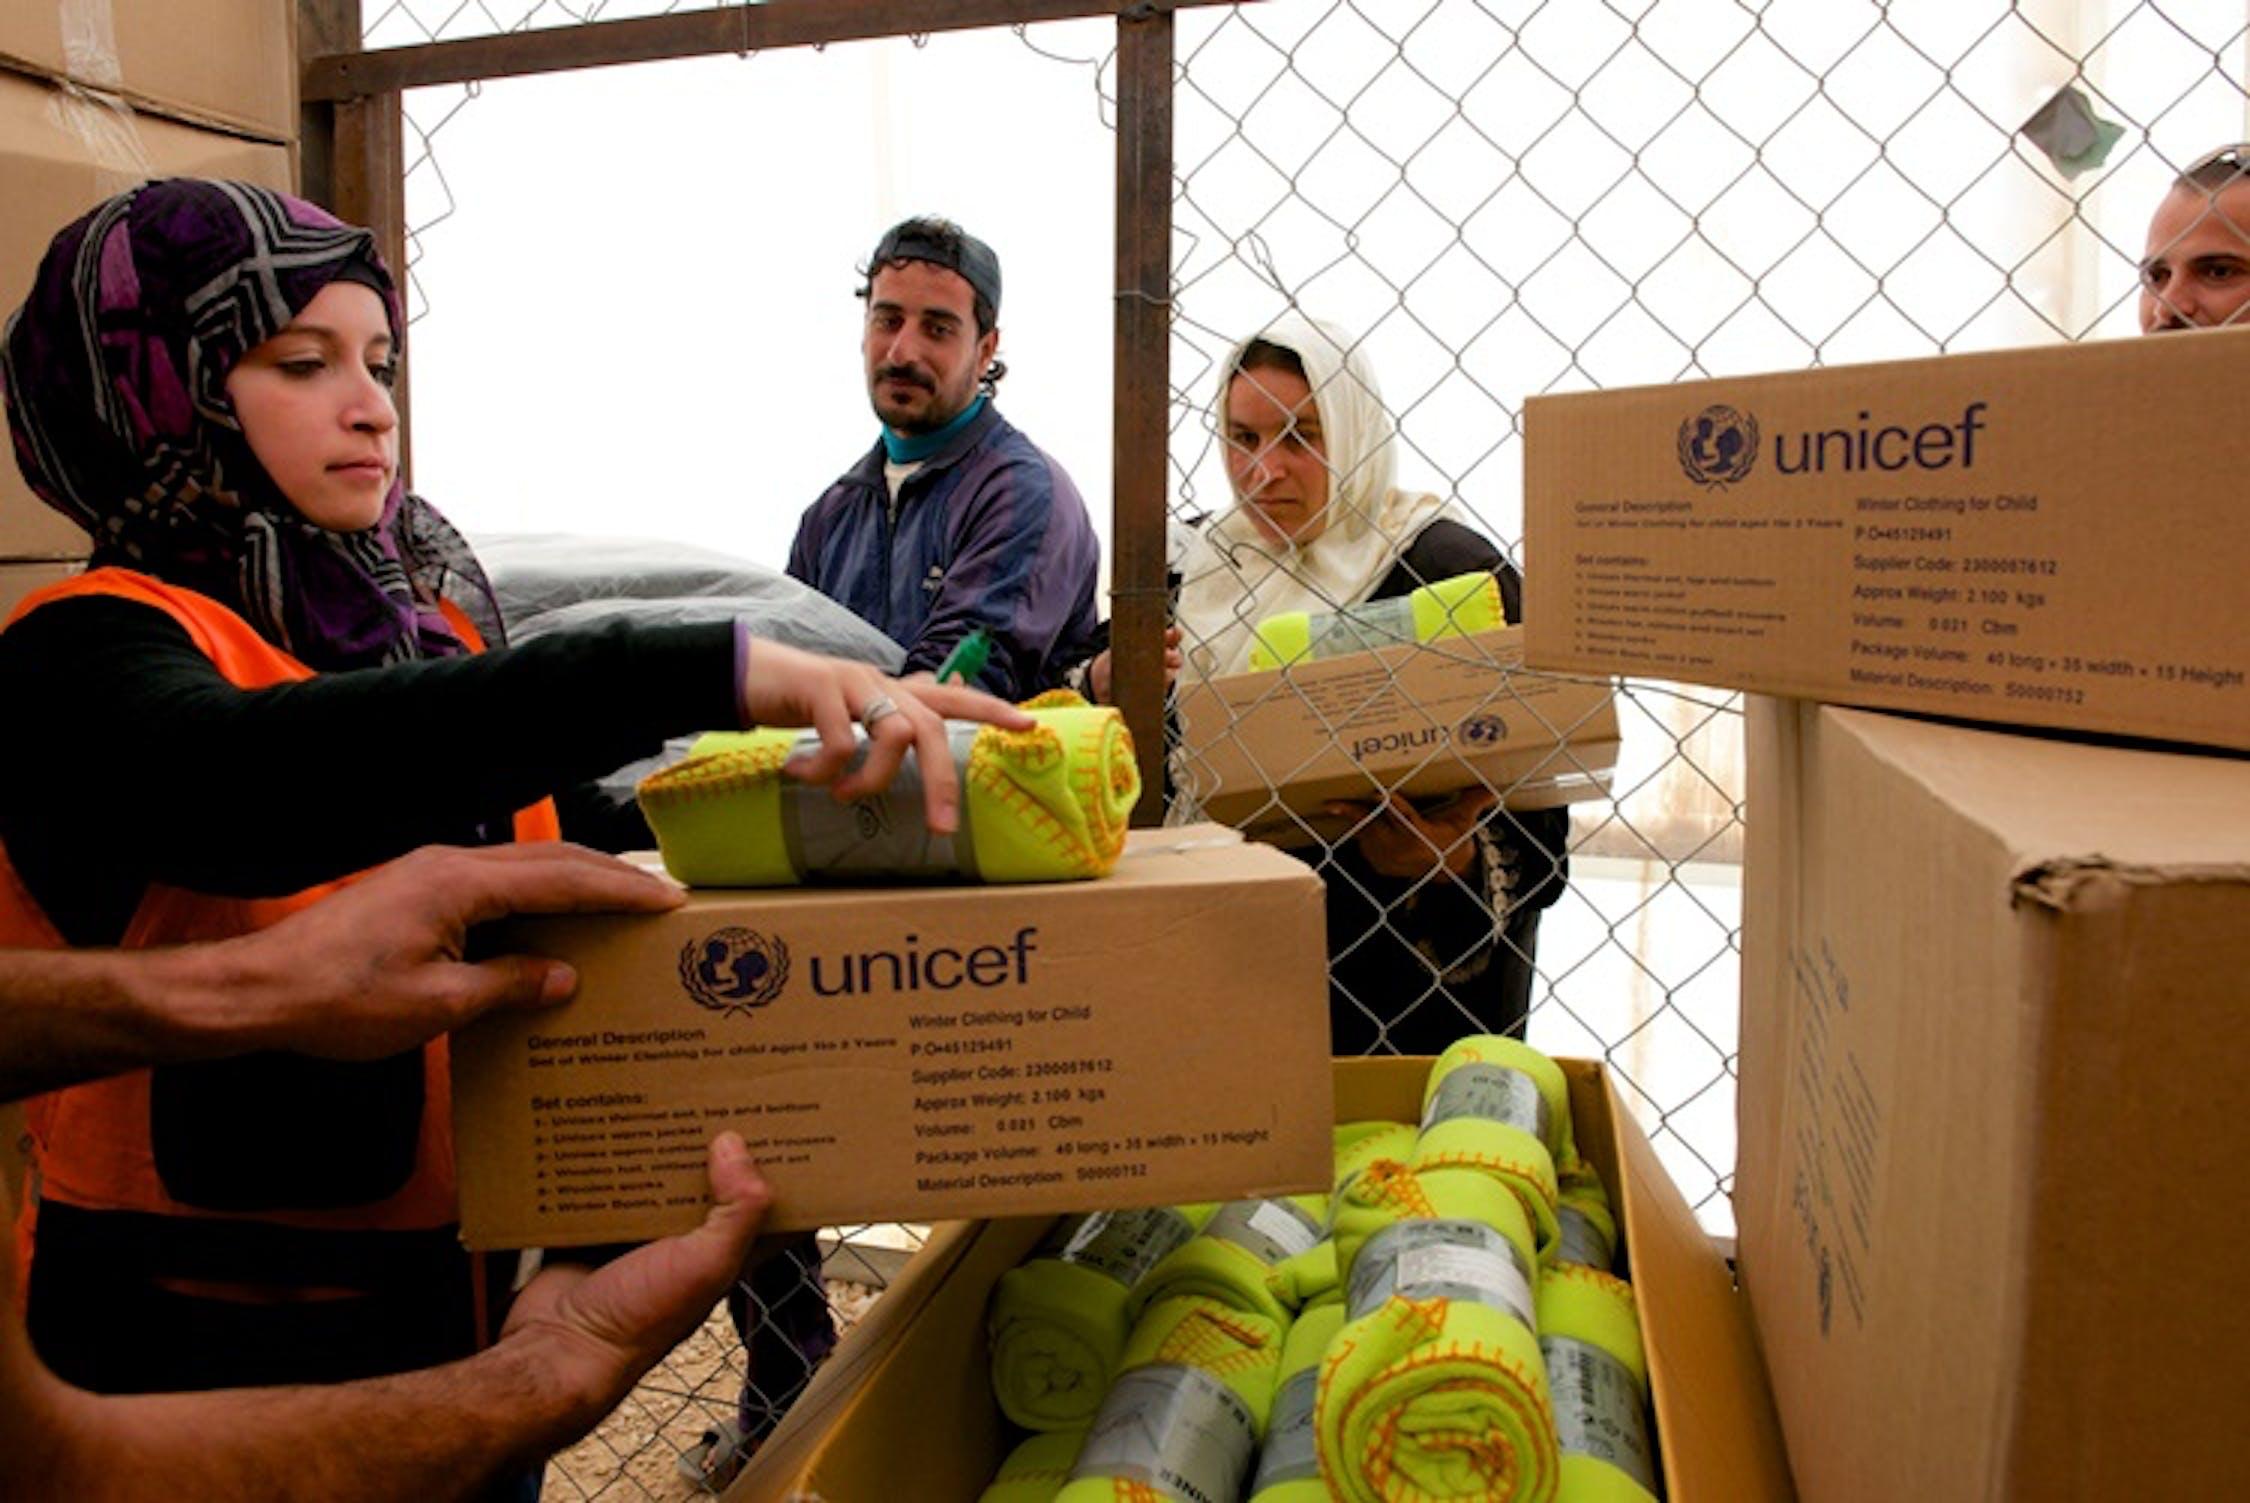 Operazioni di distribuzione di abiti invernali e coperte nel campo per profughi siriani di Za'atari (Giordania), il più grande del Medio Oriente - ©UNICEF Giordania/2013/Shehzad Noorani